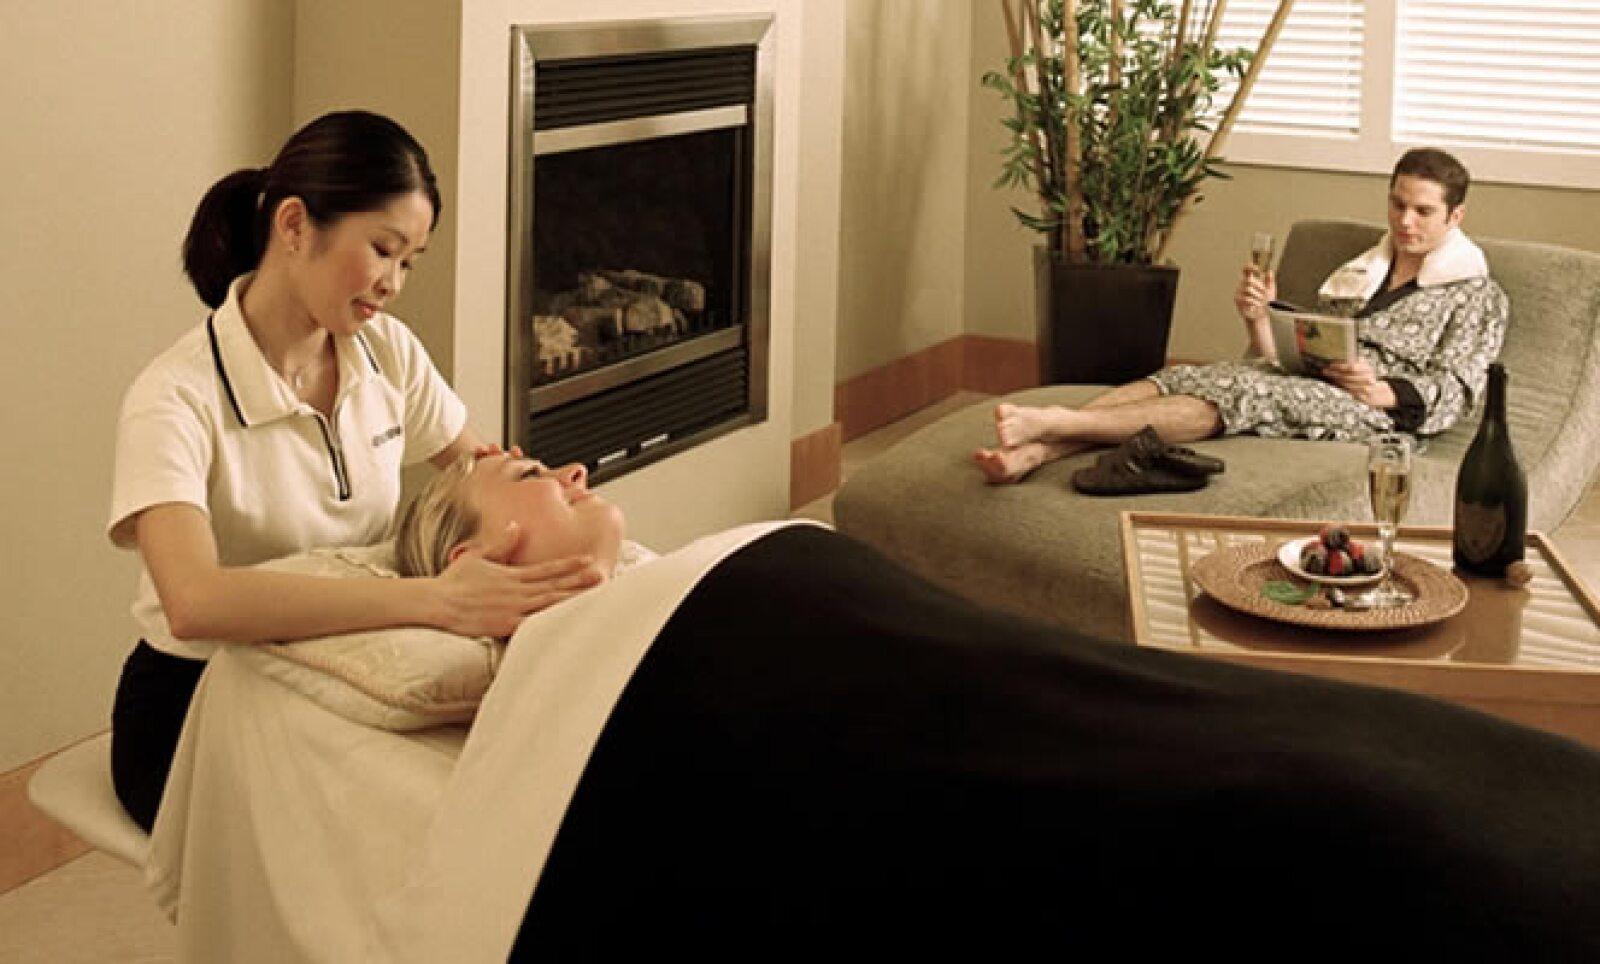 Relájate en la ciudad con un tratamiento en el Absolute Spa. Tiene sesiones en pareja, relajantes, terapia de piedras, aromas y está justo en el centro de la ciudad. Los precios varían entre 85 hasta los 450 dólares.